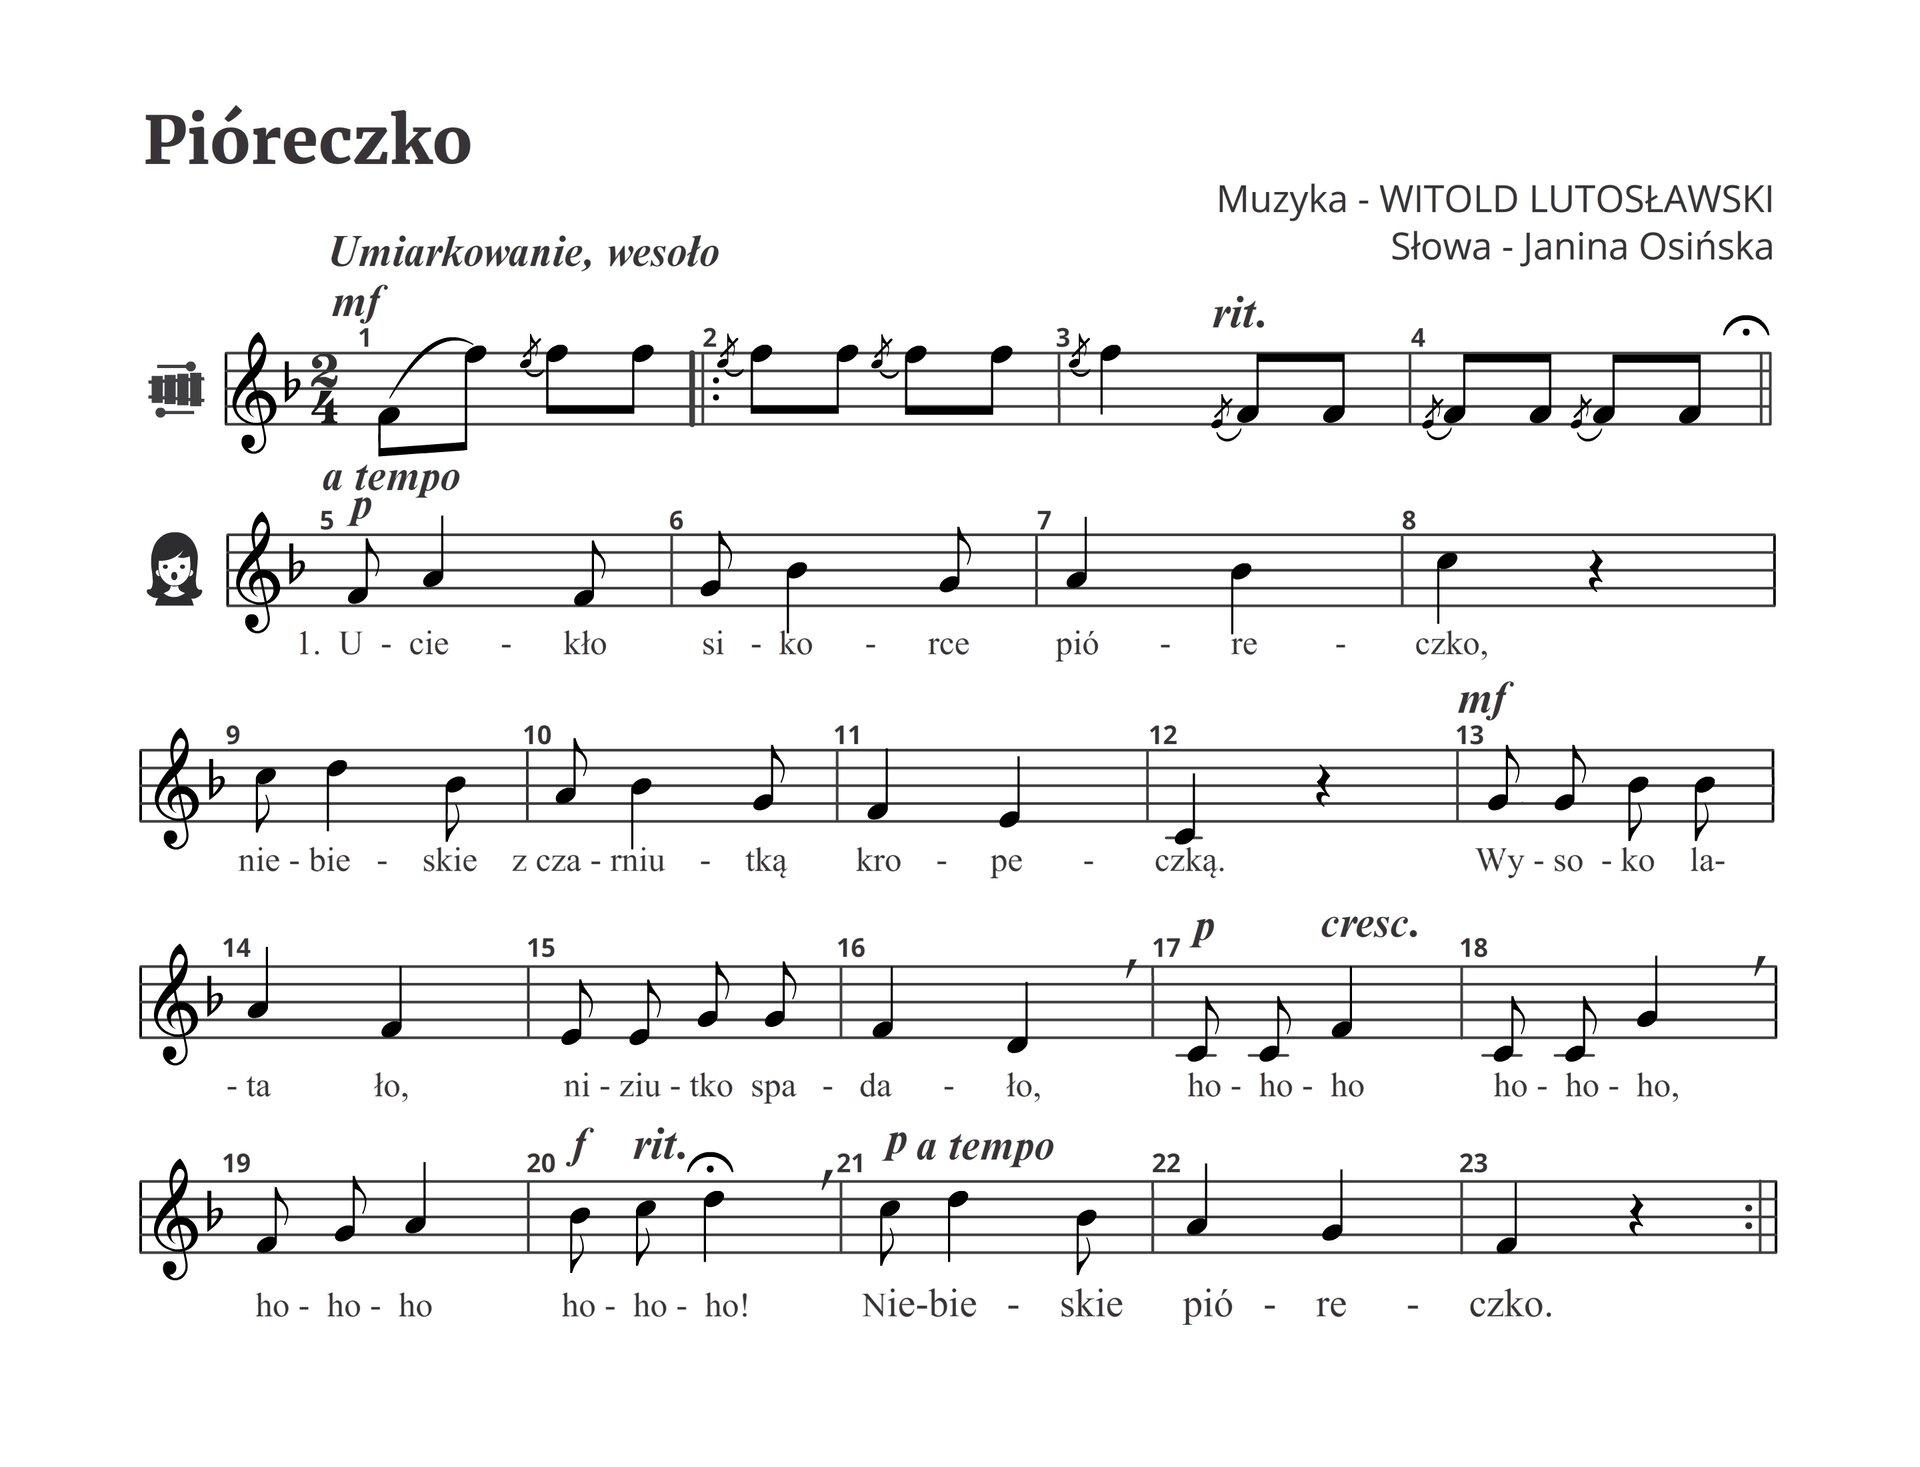 """Ilustracja przedstawia zapis nutowy składający się ztrzech pięciolinii, na których umieszczone są zapisy określonych znaków muzycznych utwory """"Piórko"""" Witolda Lutosławskiego iJaniny Osińskiej."""